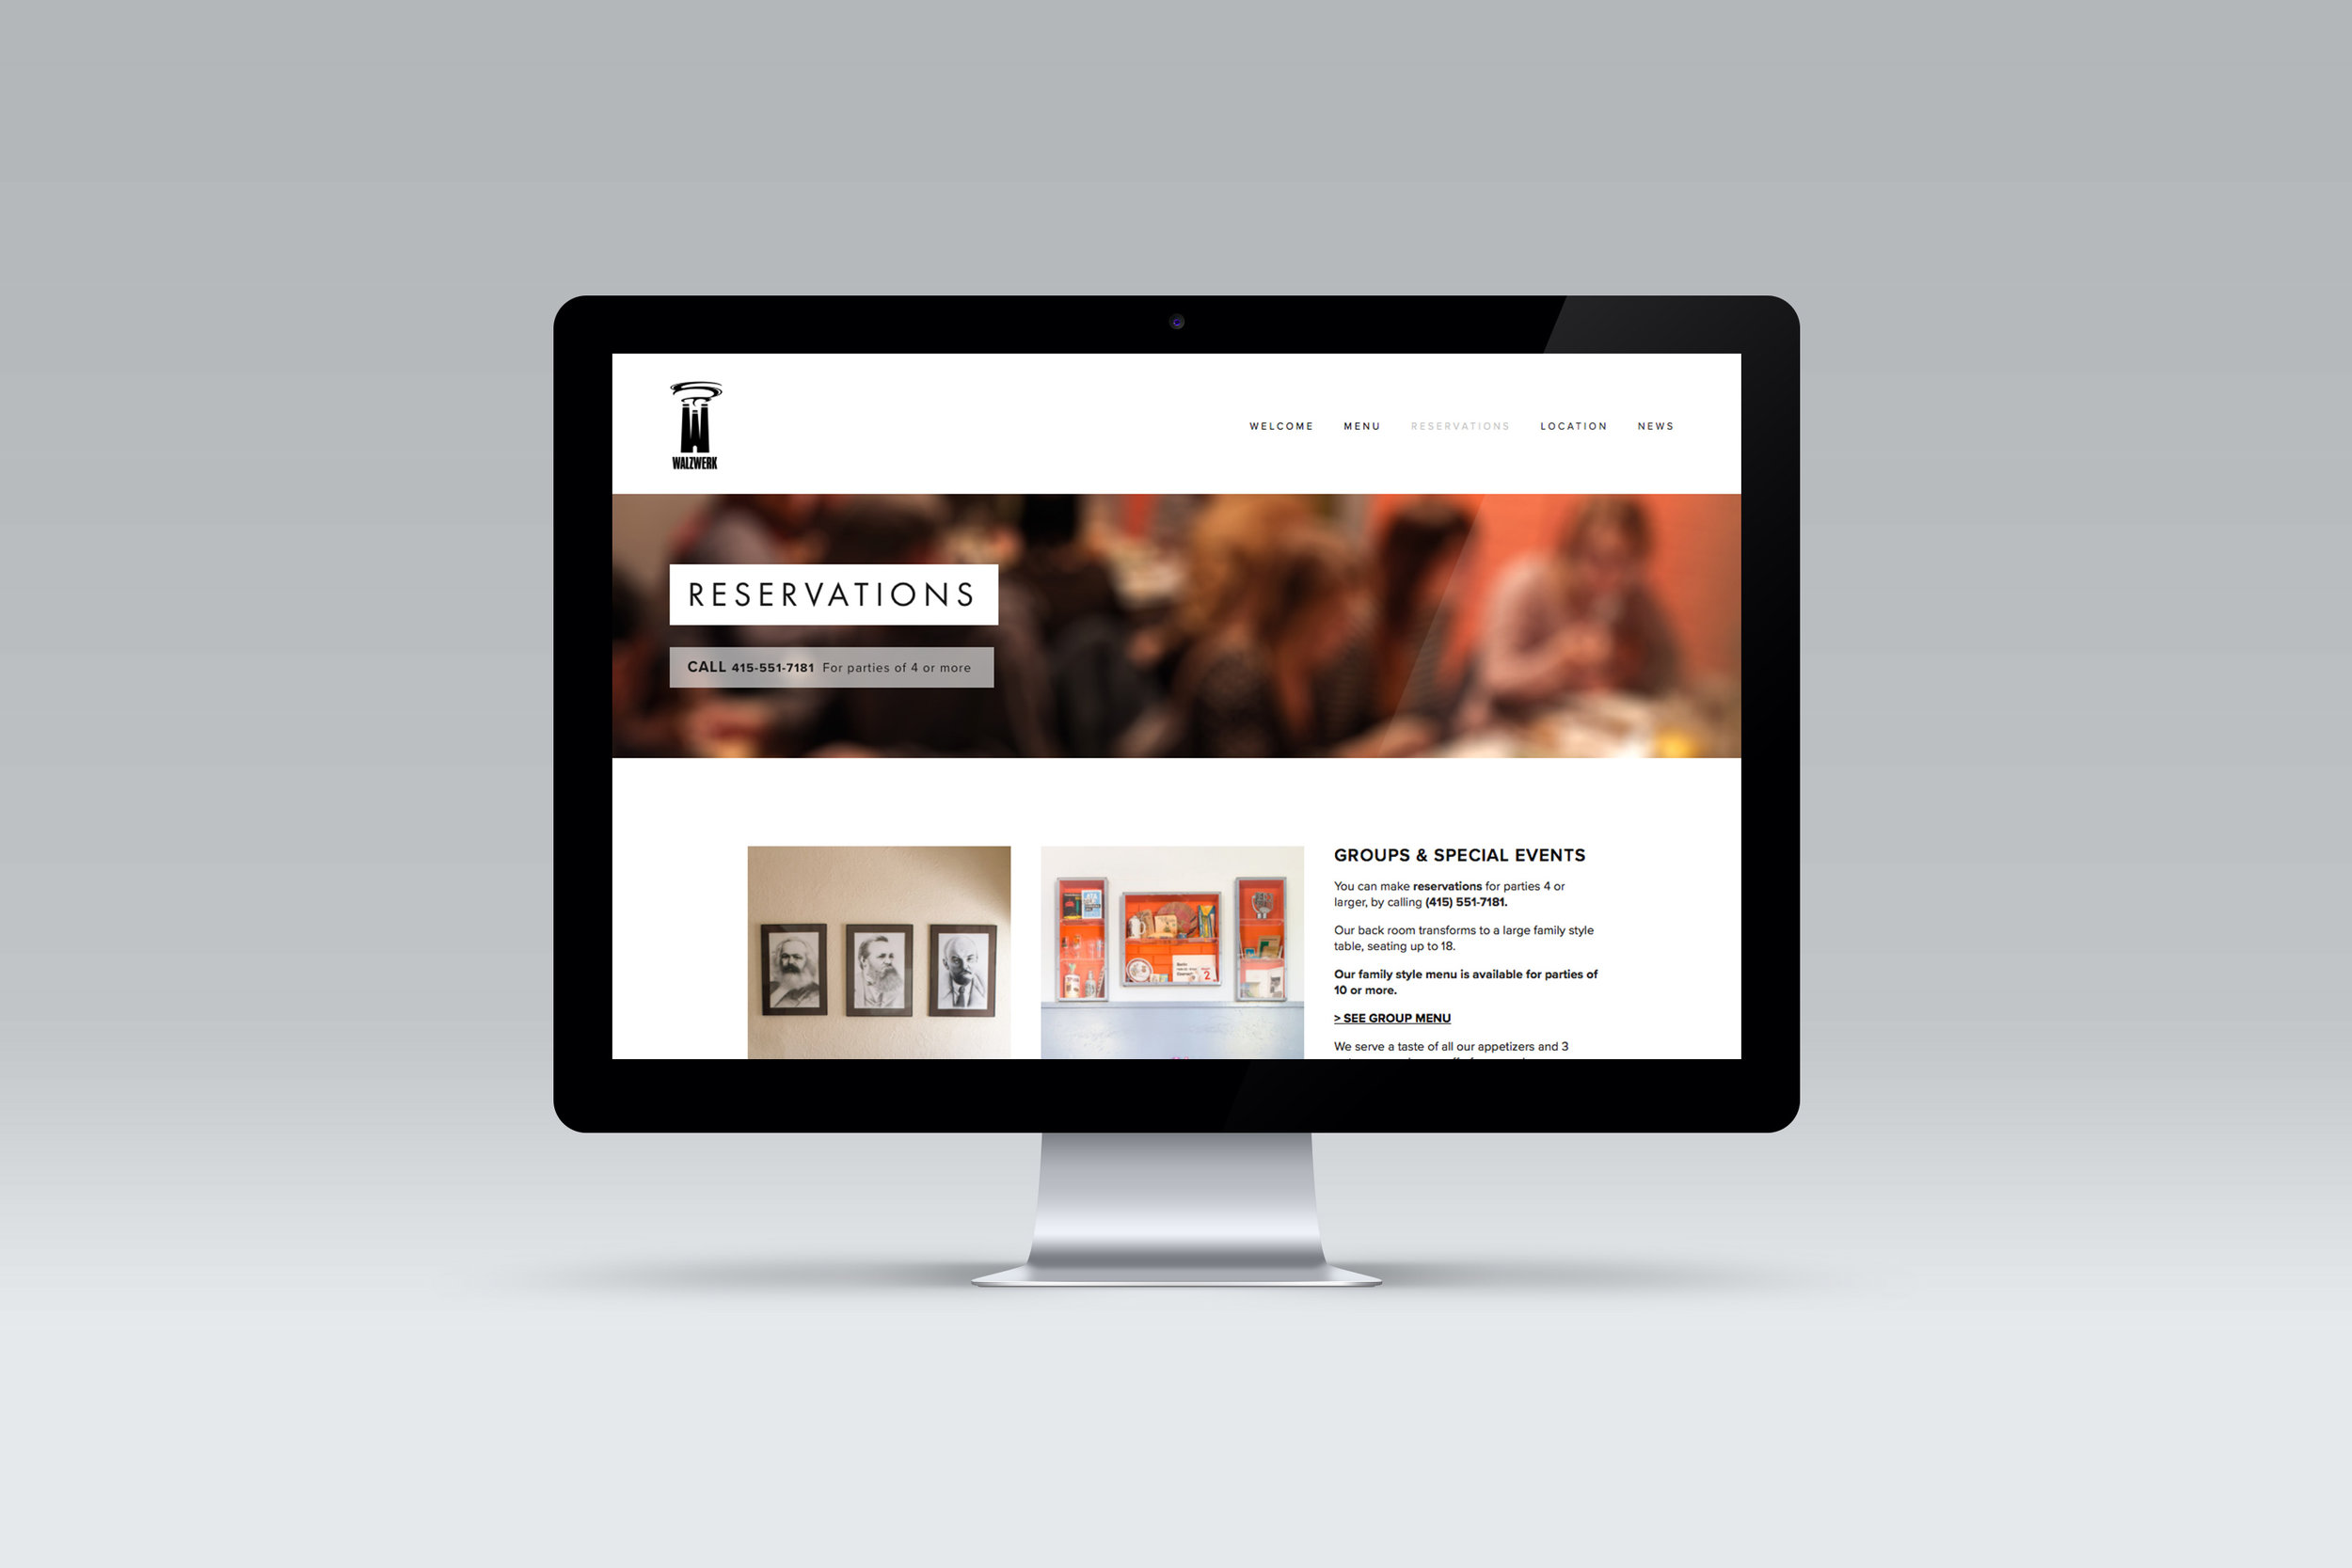 WW-Website-reservations-Mock-up.jpg